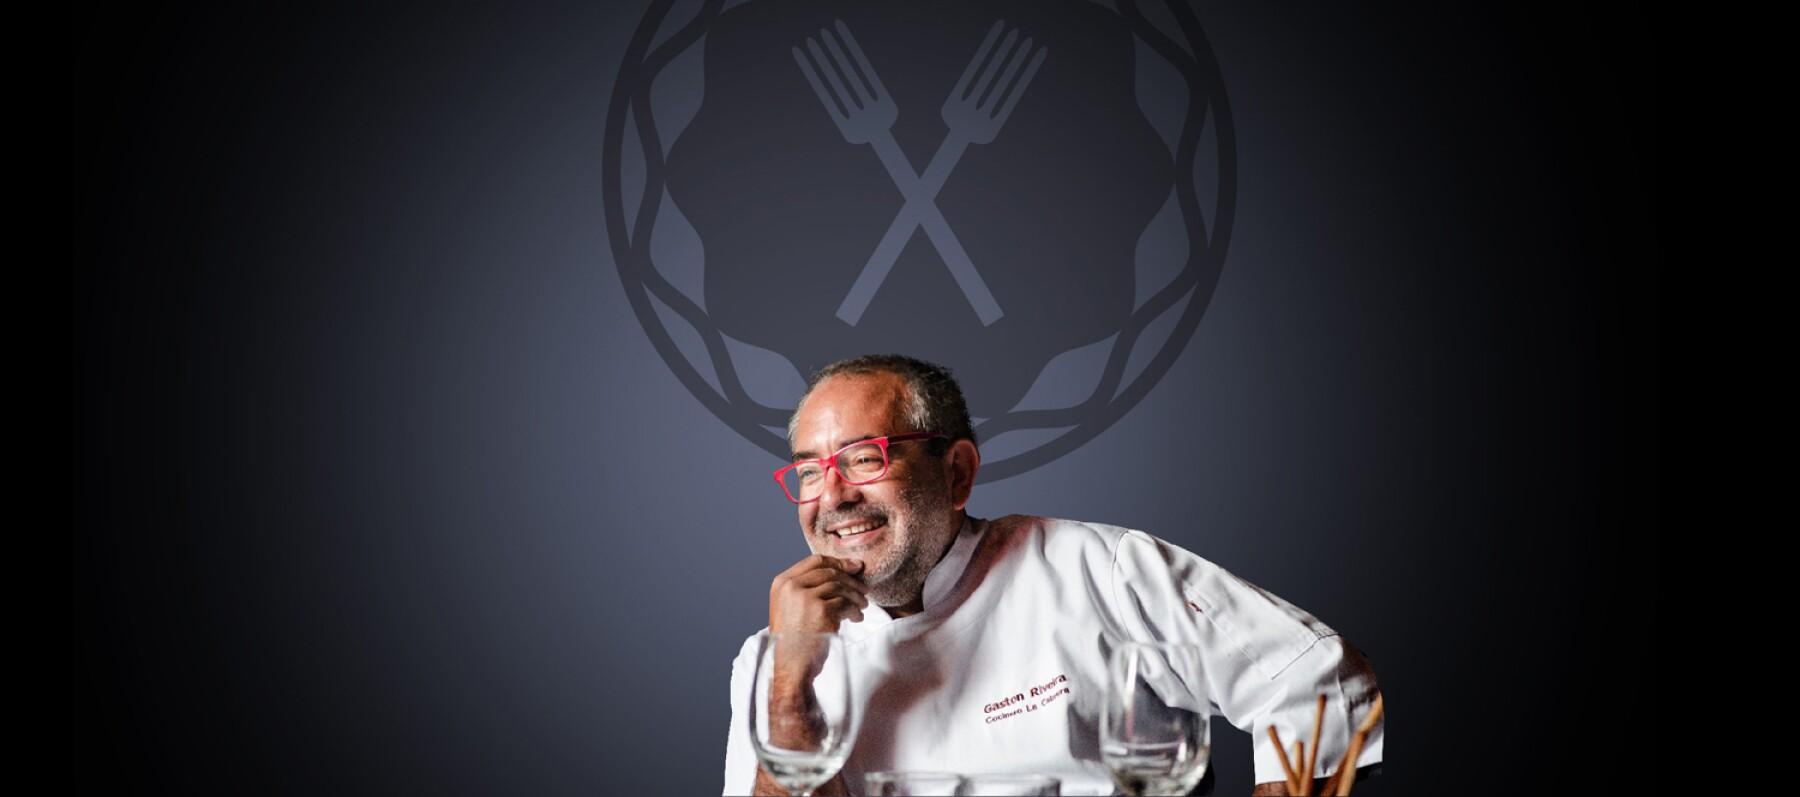 visual chef gaston.jpg